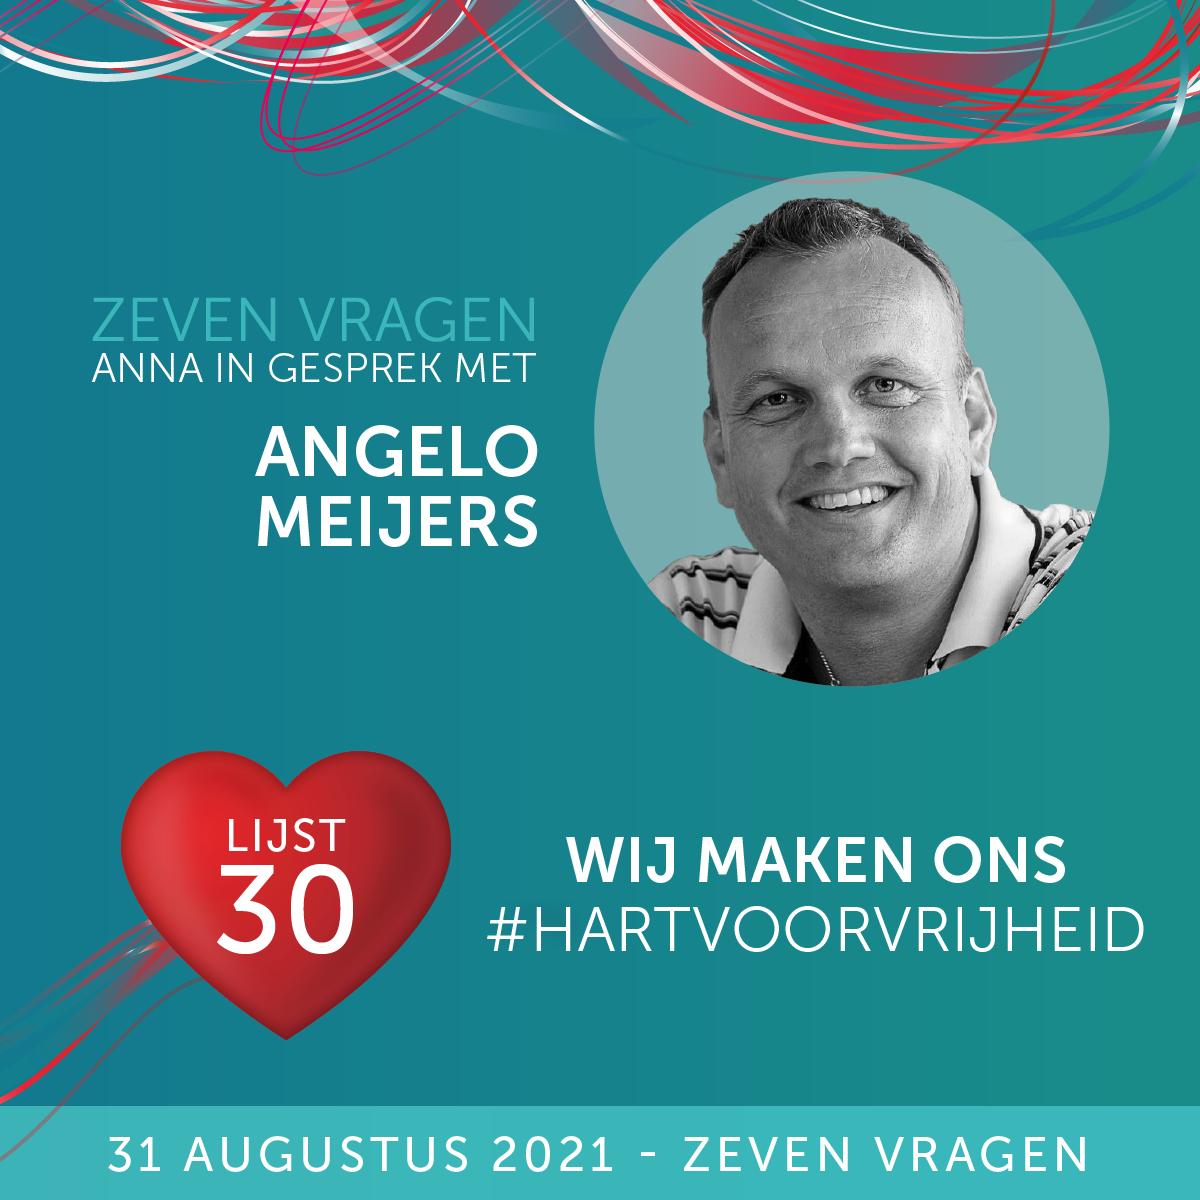 Zeven vragen - Angelo Meijers